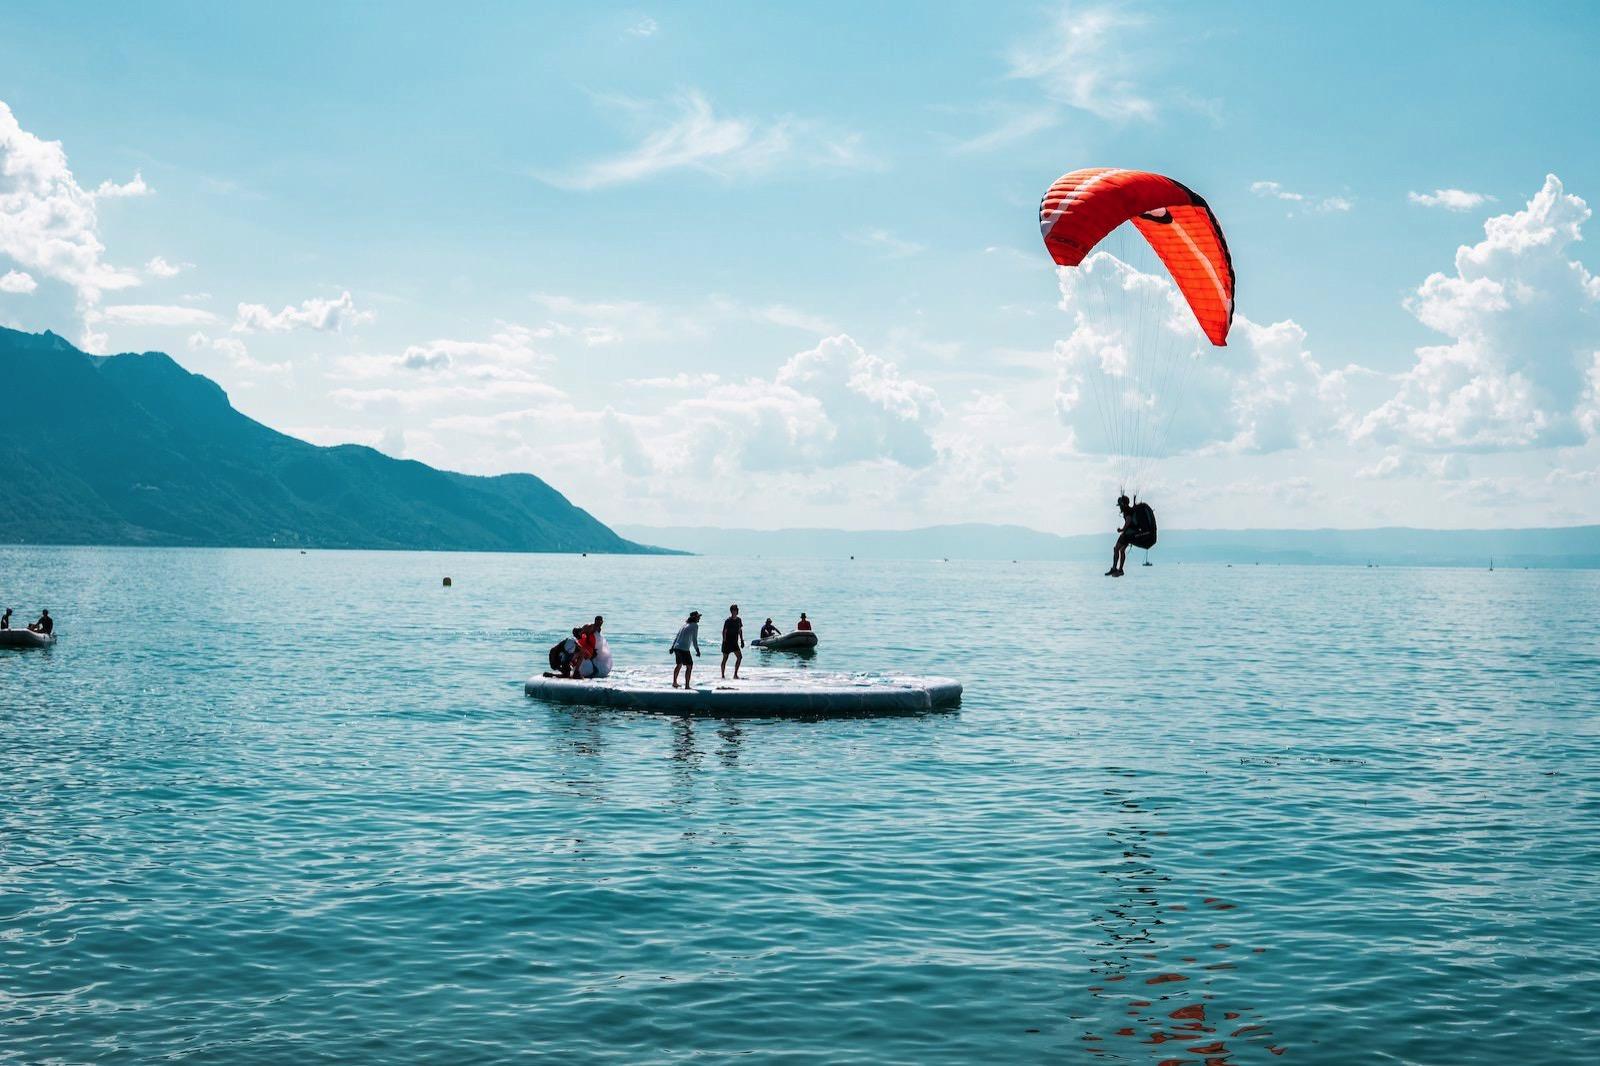 Noah naf 5 uyJOrTZmc unsplash paragliding